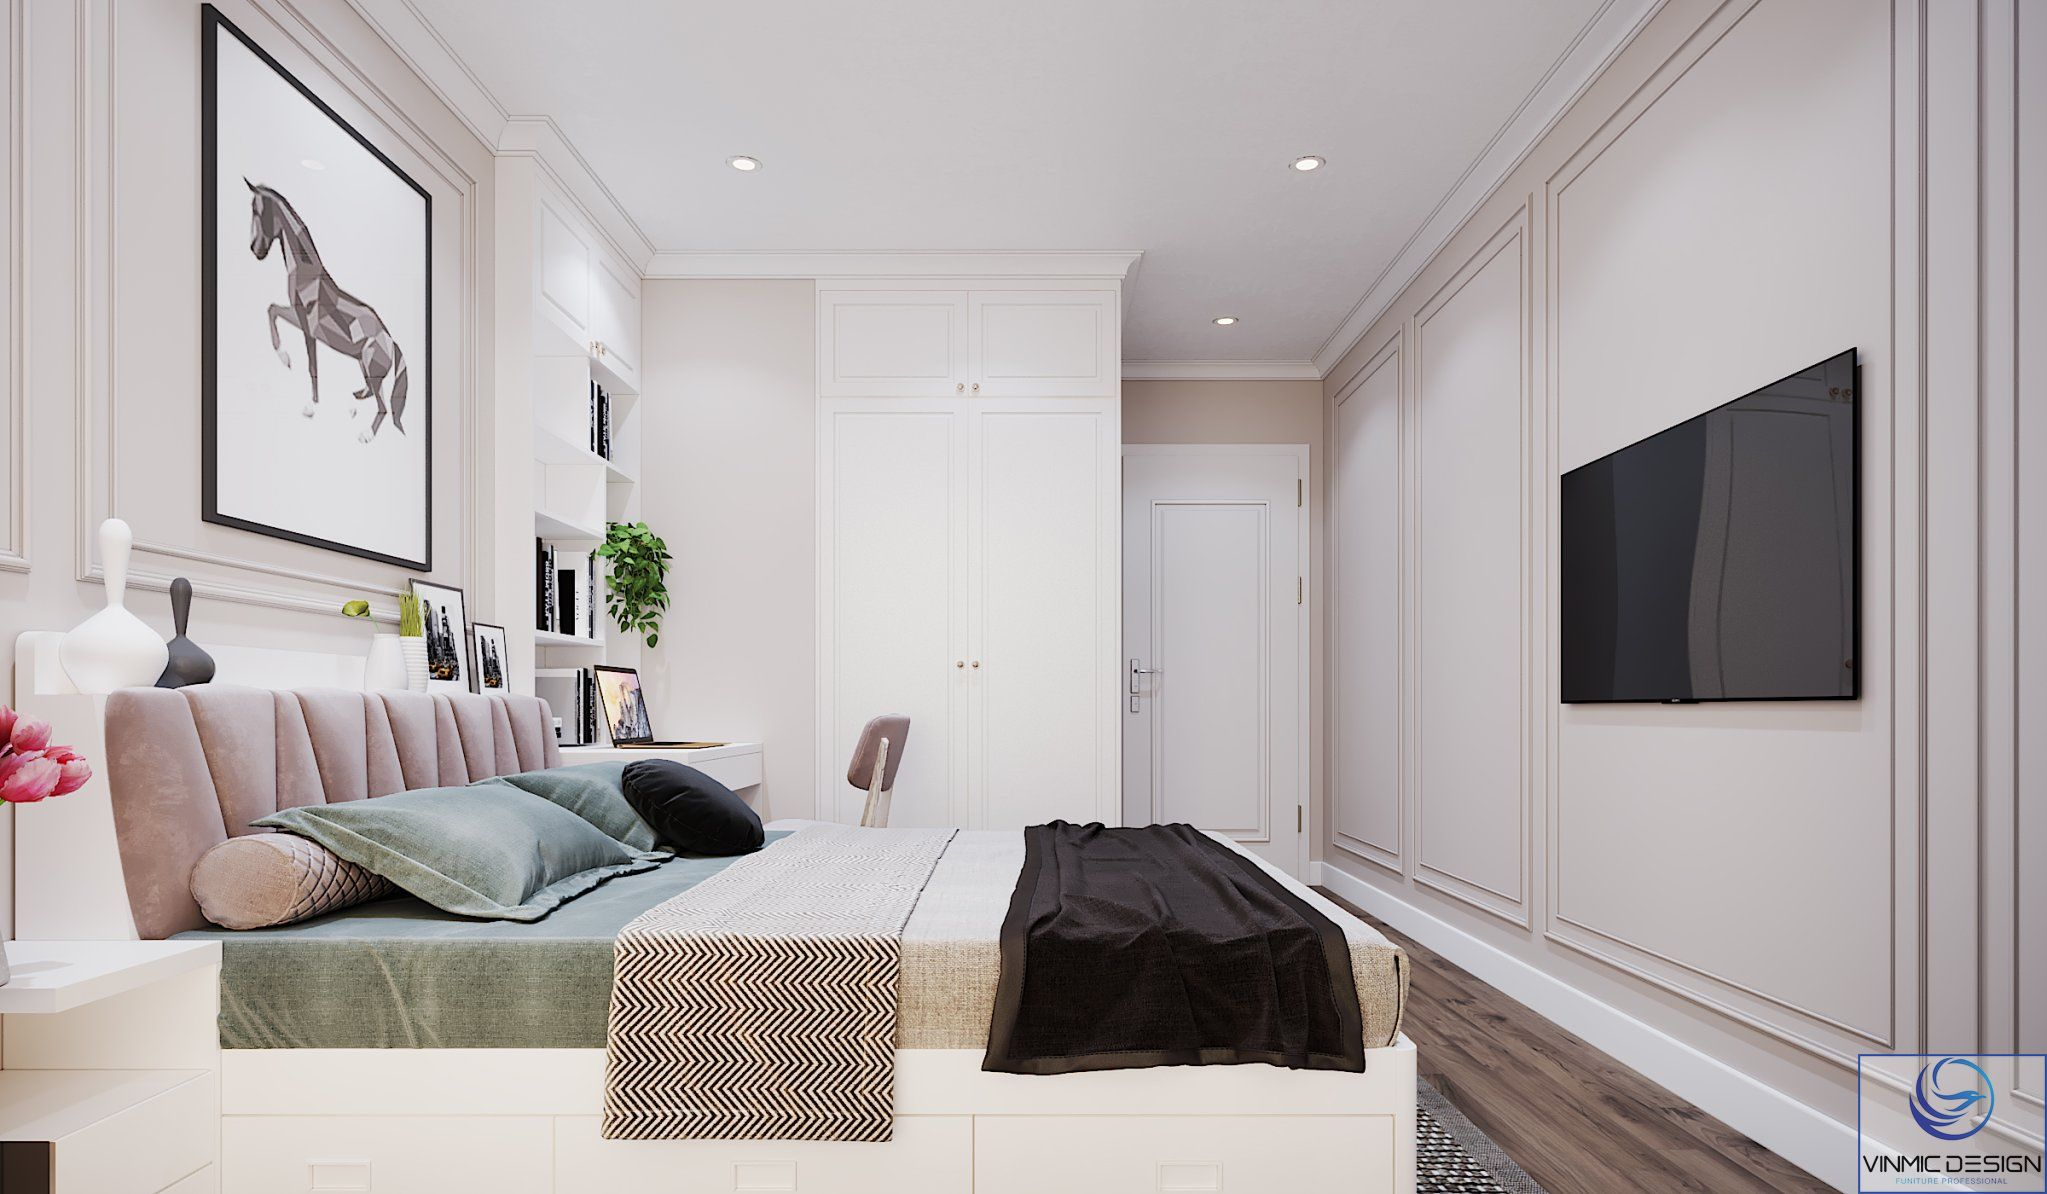 Phòng ngủ 1 được thiết kế đơn giản hơn nhưng không kém phần sang trọng.